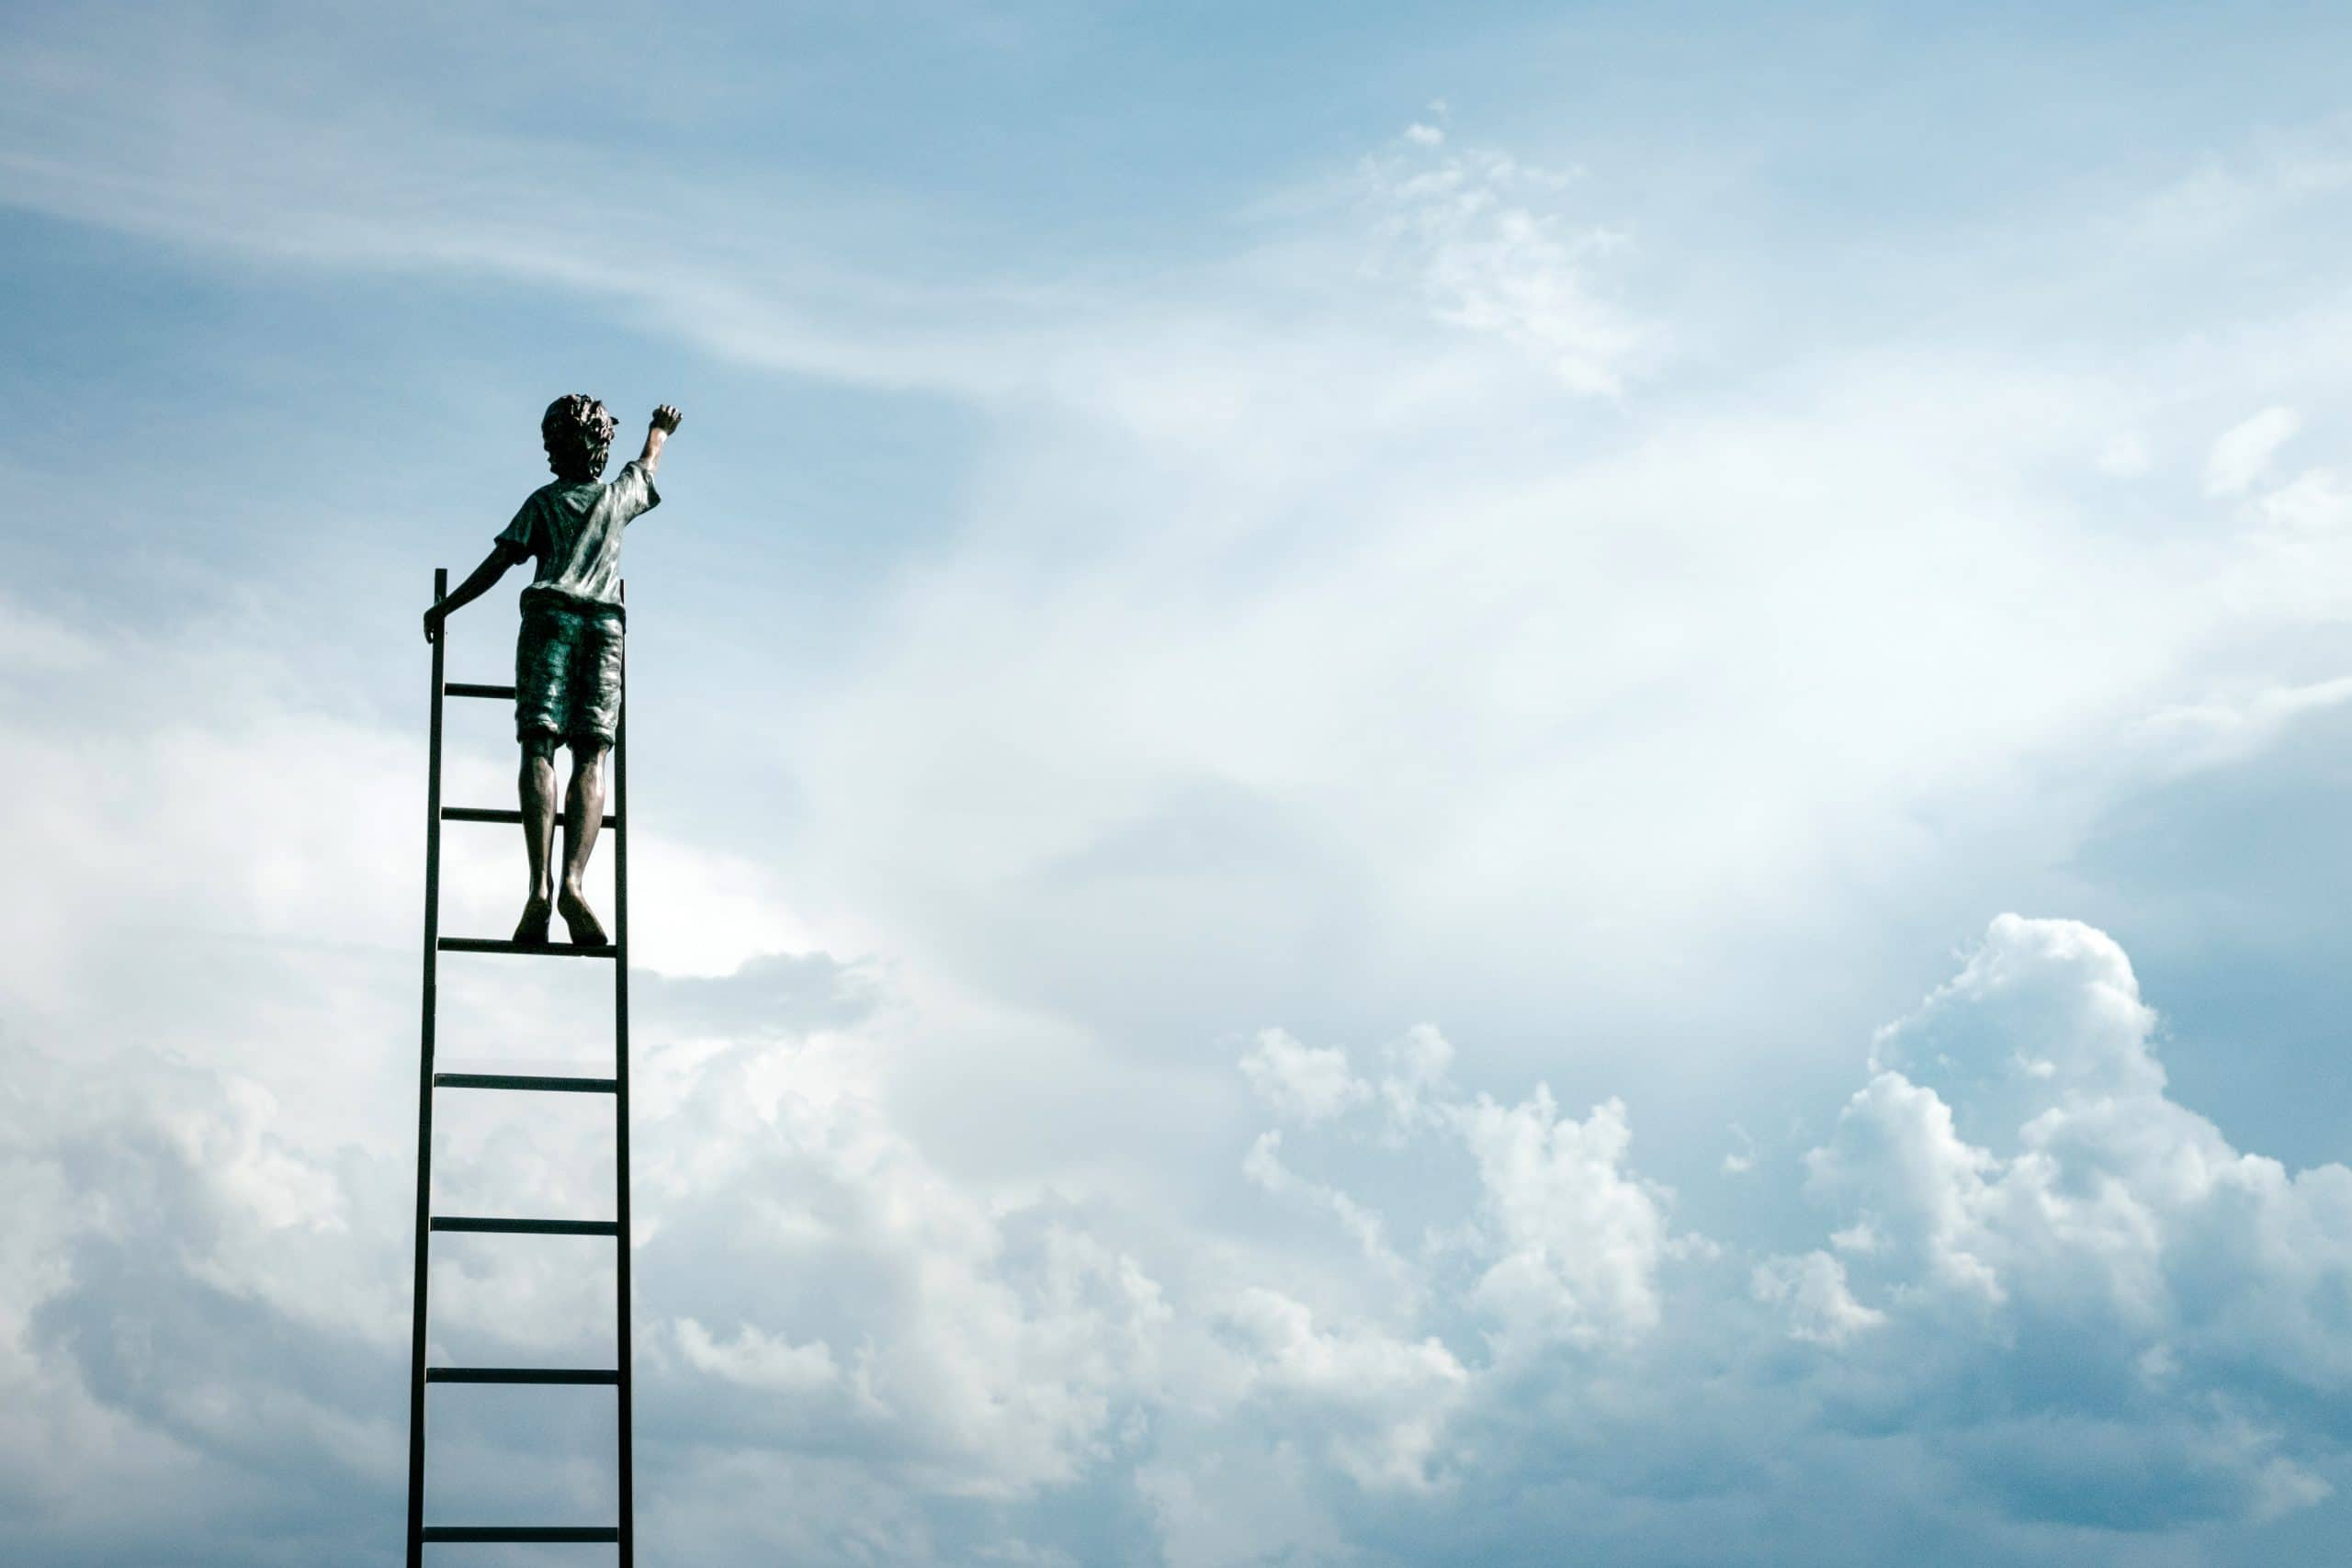 Menino subindo escadas no céu.